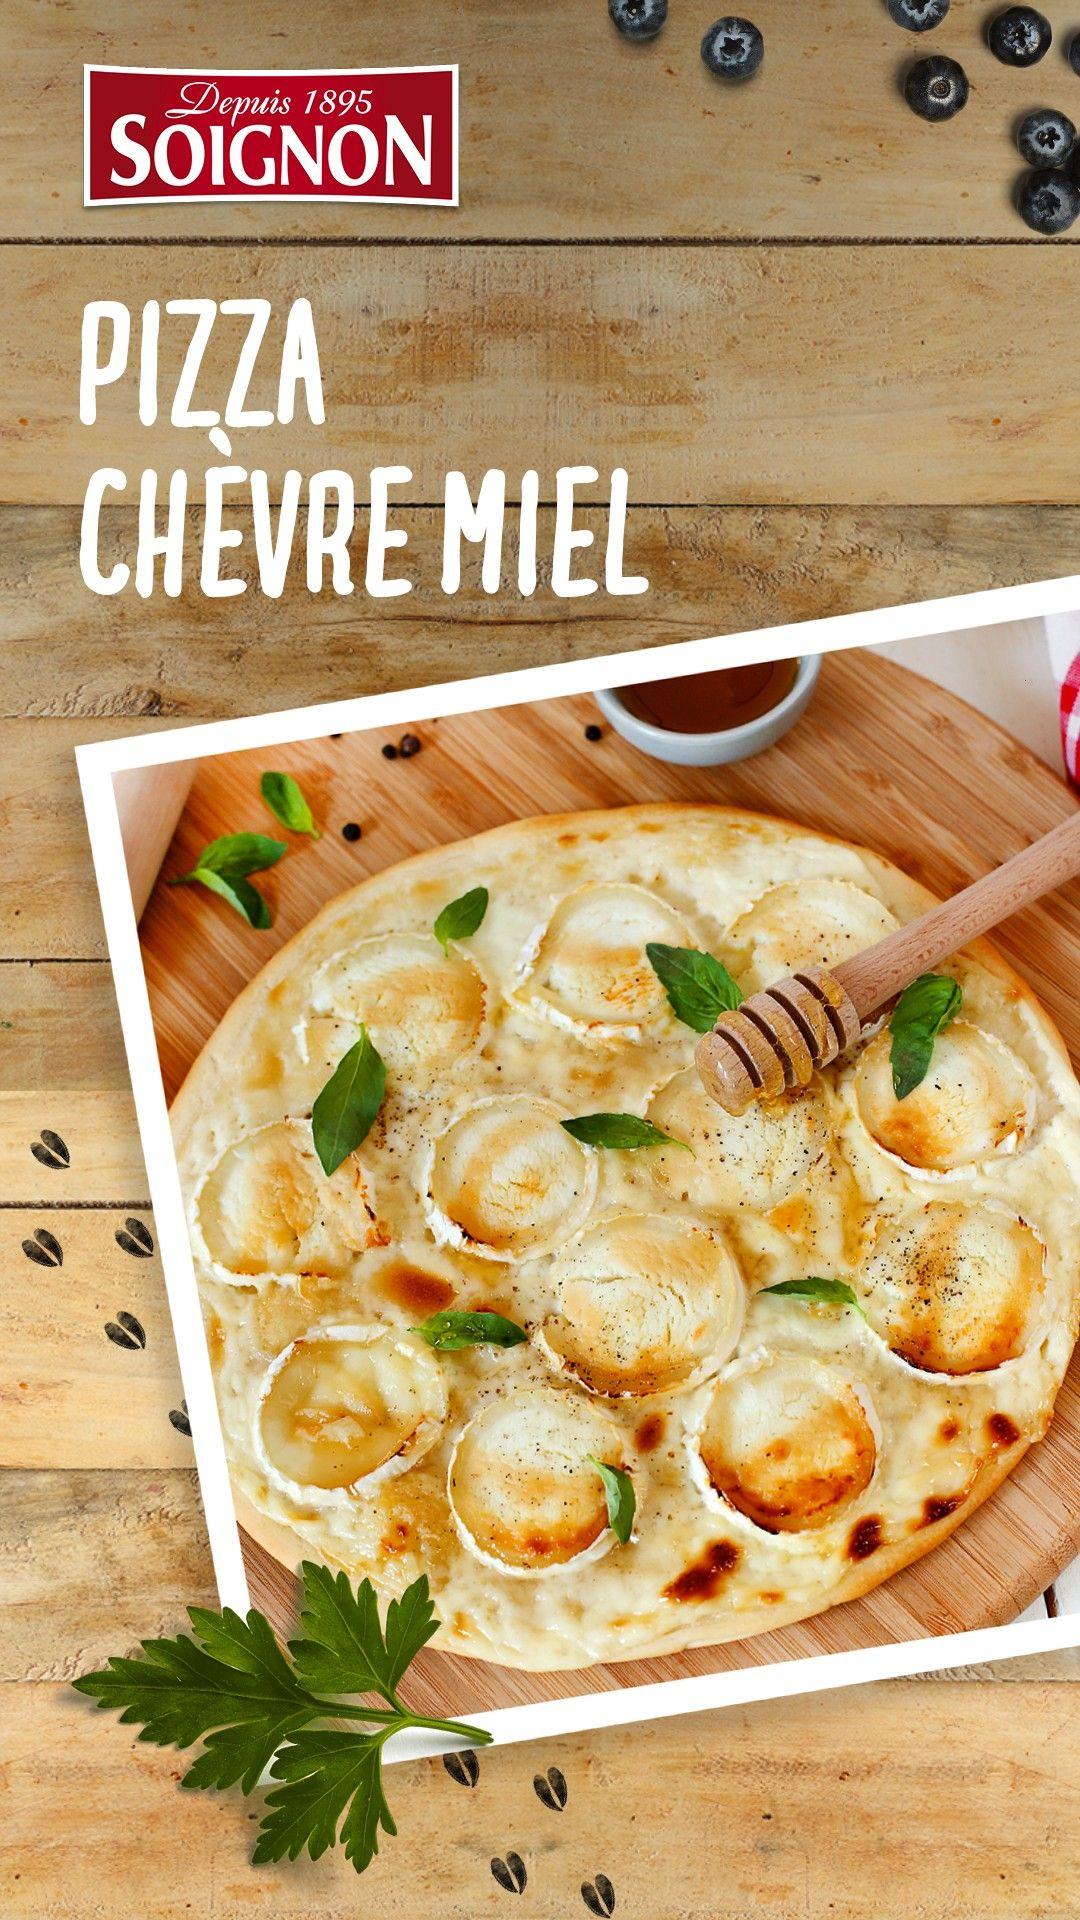 Pizza Chèvre  Miel Envie dune pizza fromage de chèvre et miel  Retrouvez la recette sur le site de SoignonEnvie dune pizza fromage de chèvre et miel...